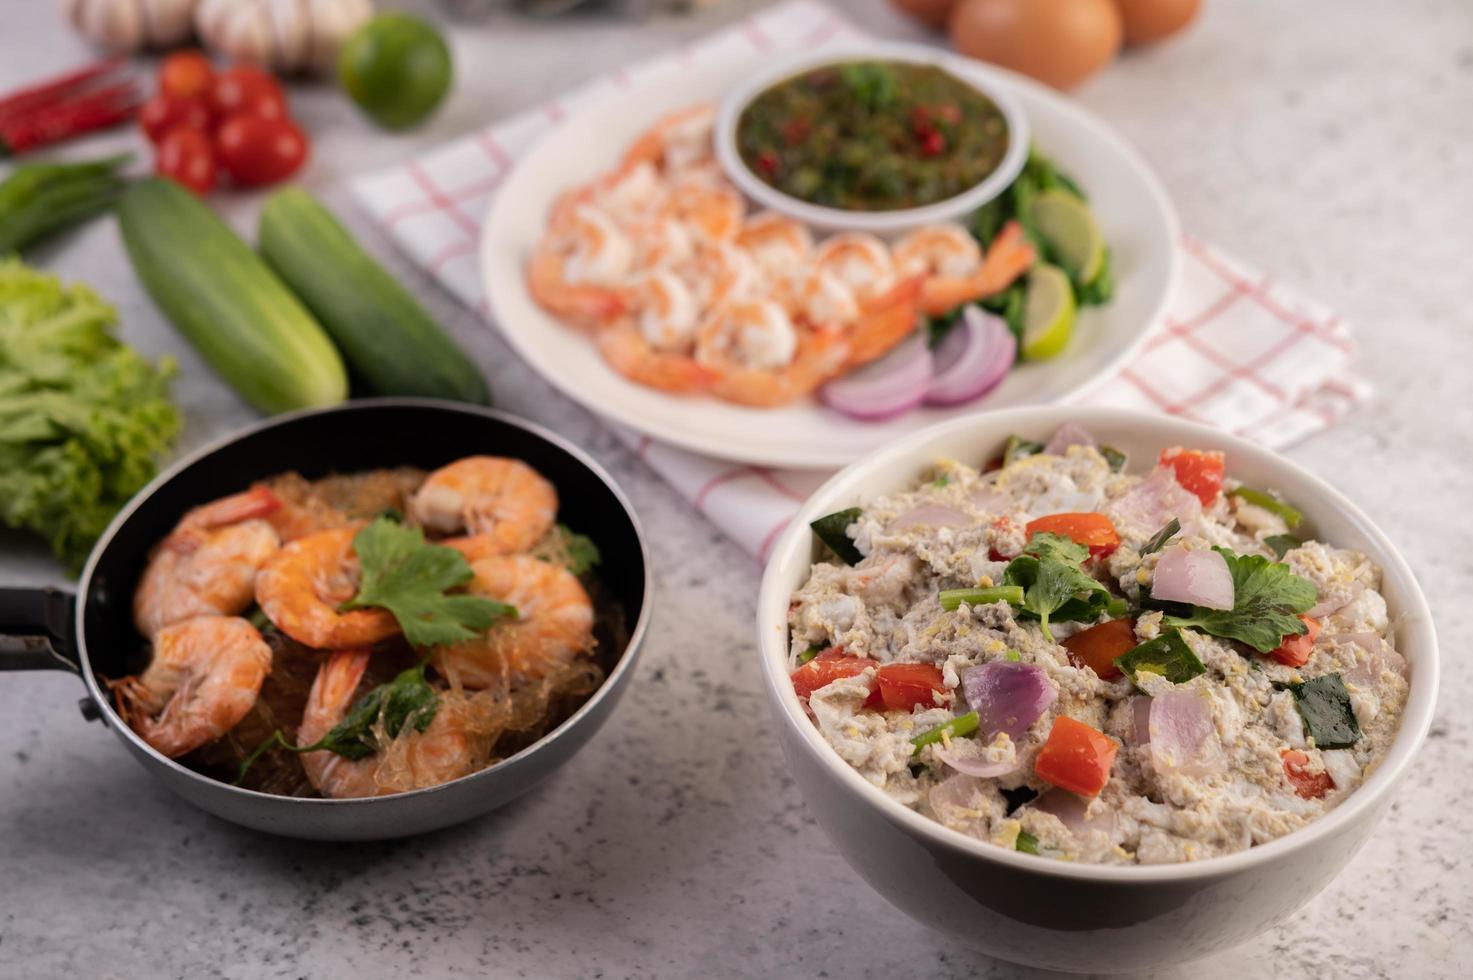 pratos estilo tailandês foto